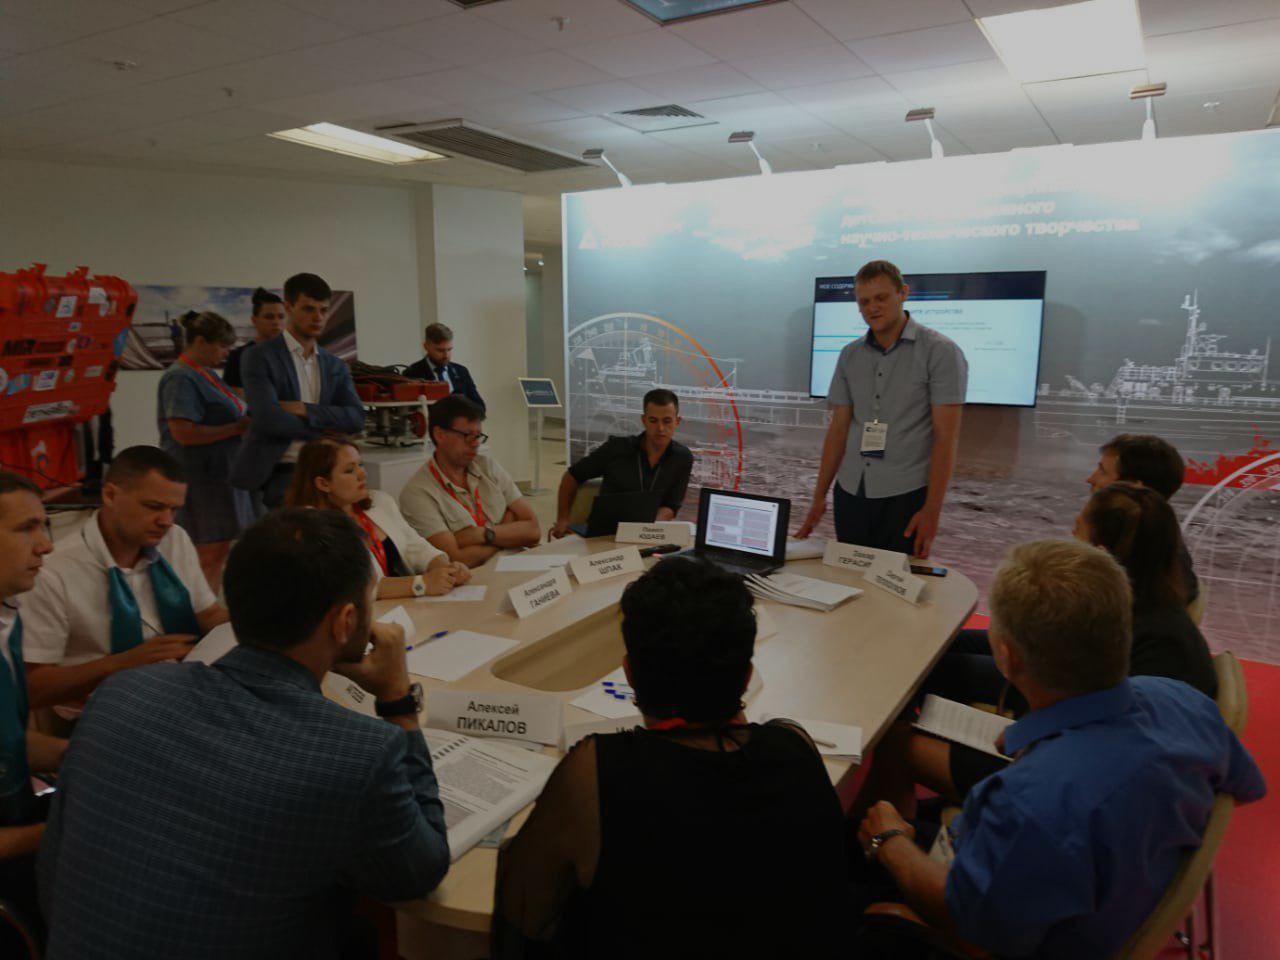 Стенд фестиваля «От Винта!» на Дальневосточном морском салоне стал главной площадкой для обсуждения молодежных технологических изобретений